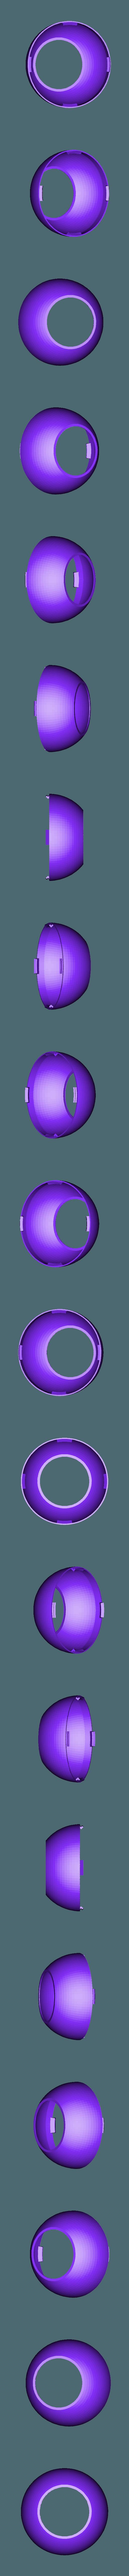 big-ornament-bottom.stl Télécharger fichier STL gratuit Ornement Jumbo - Snap Fit • Design à imprimer en 3D, Adafruit